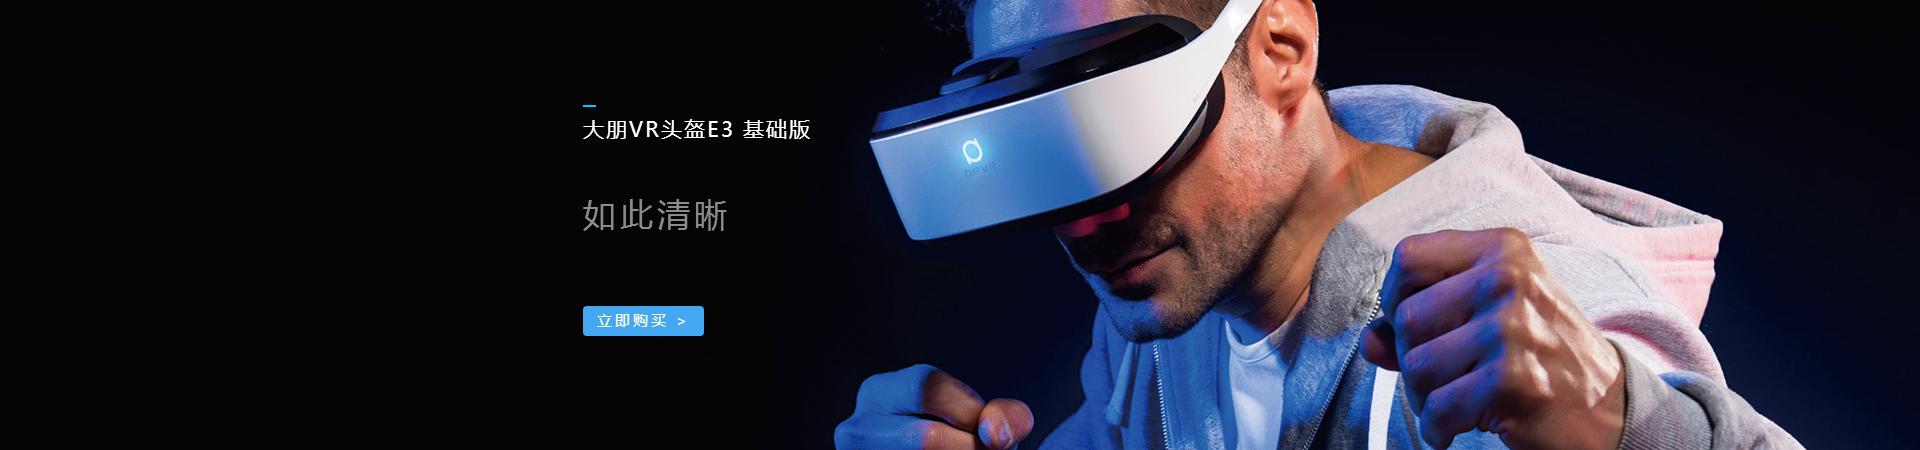 大朋VR头盔E3